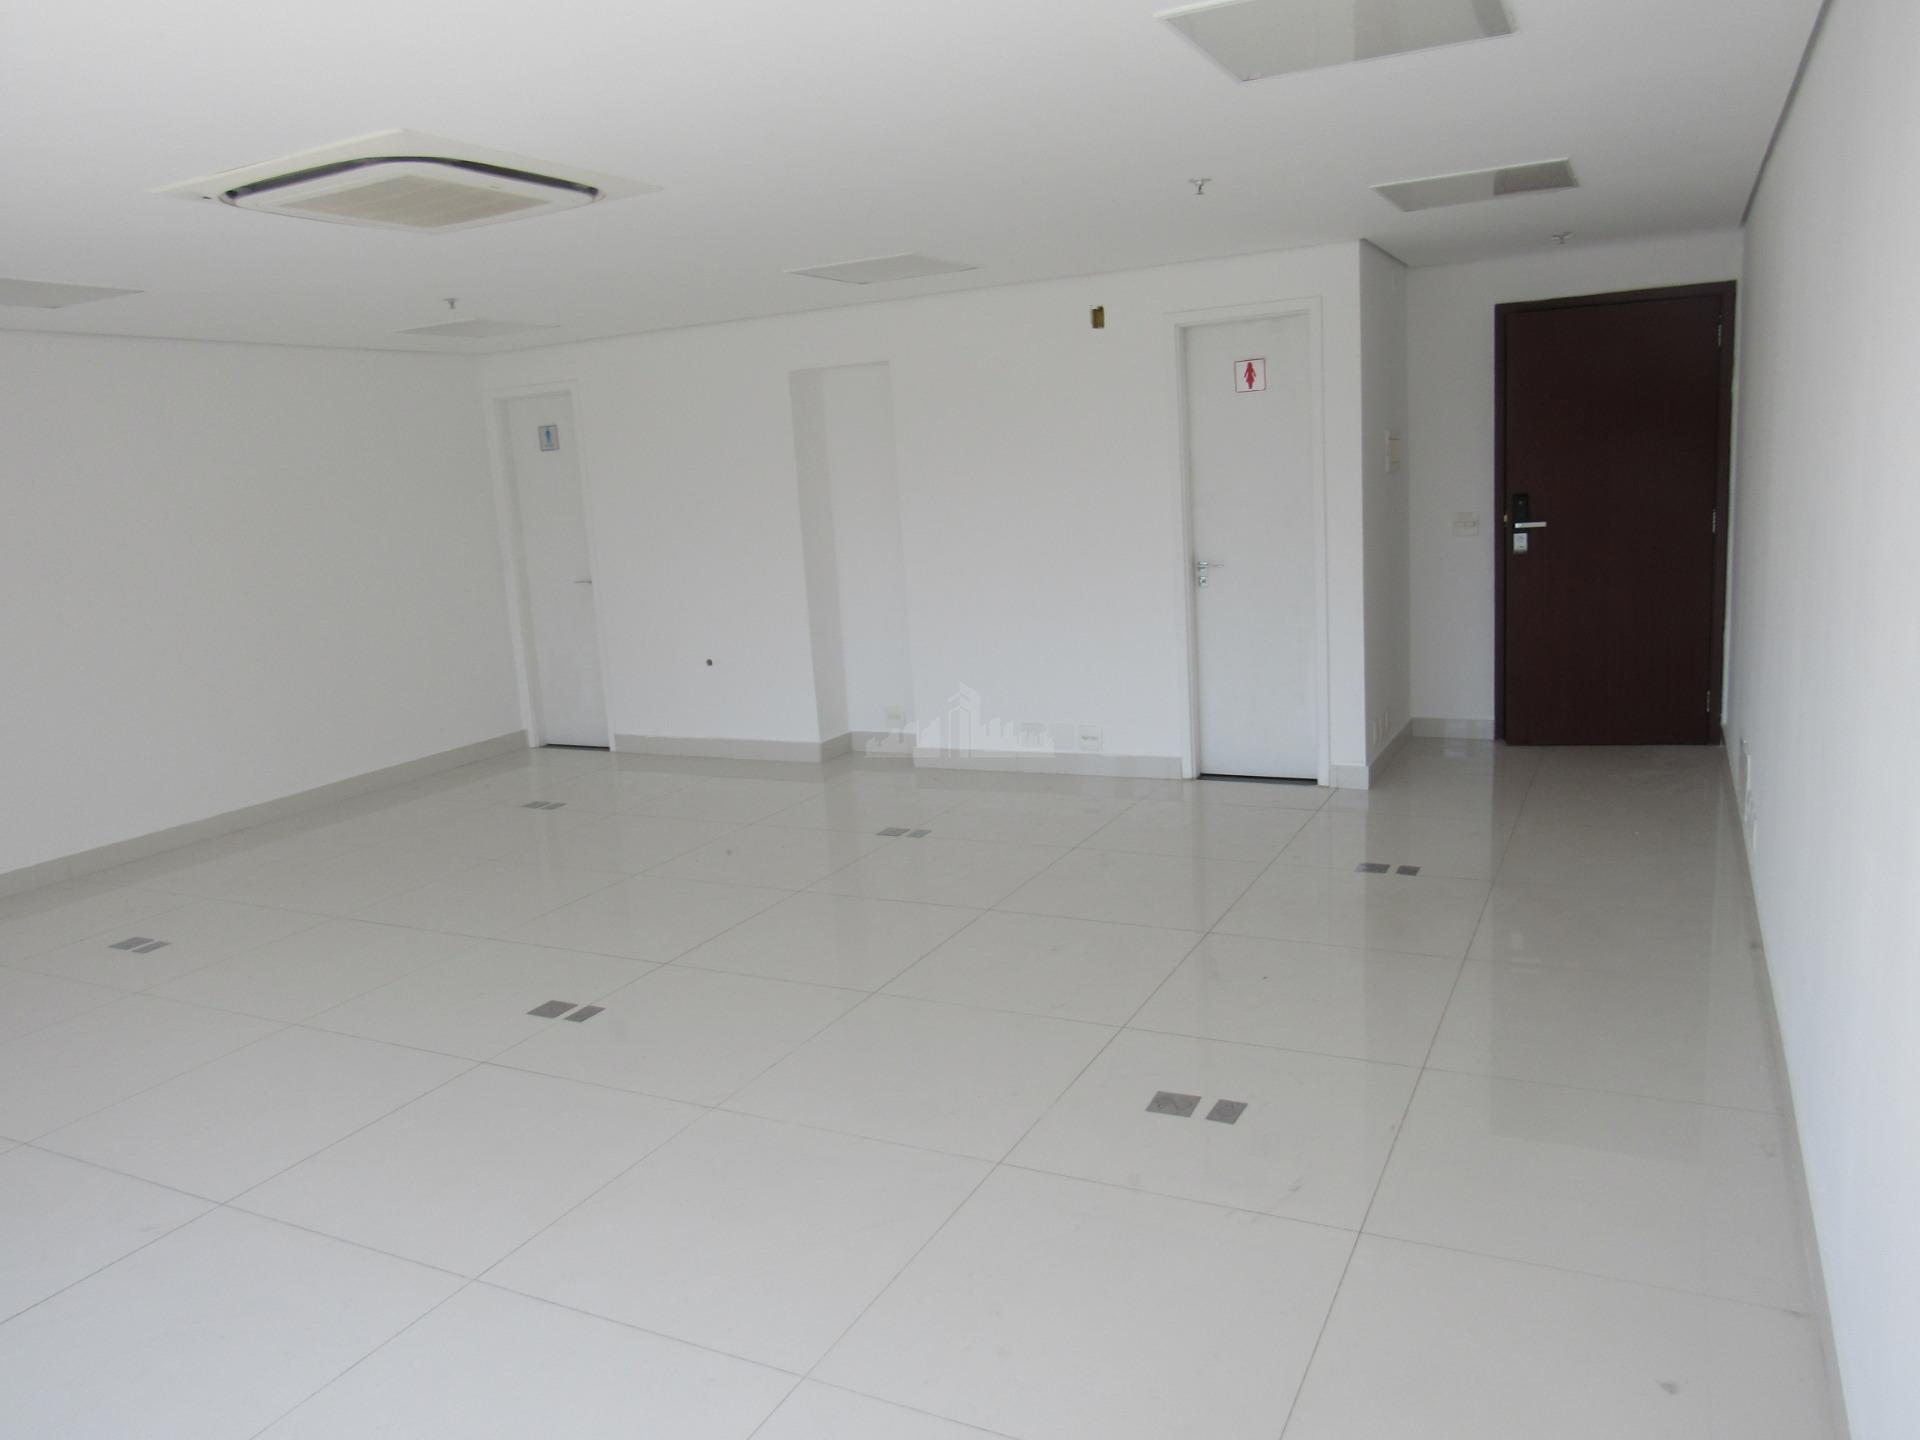 maravilhosa sala com 57 m² banheiro masculino e feminino. entre os diferenciais do projeto estão o...